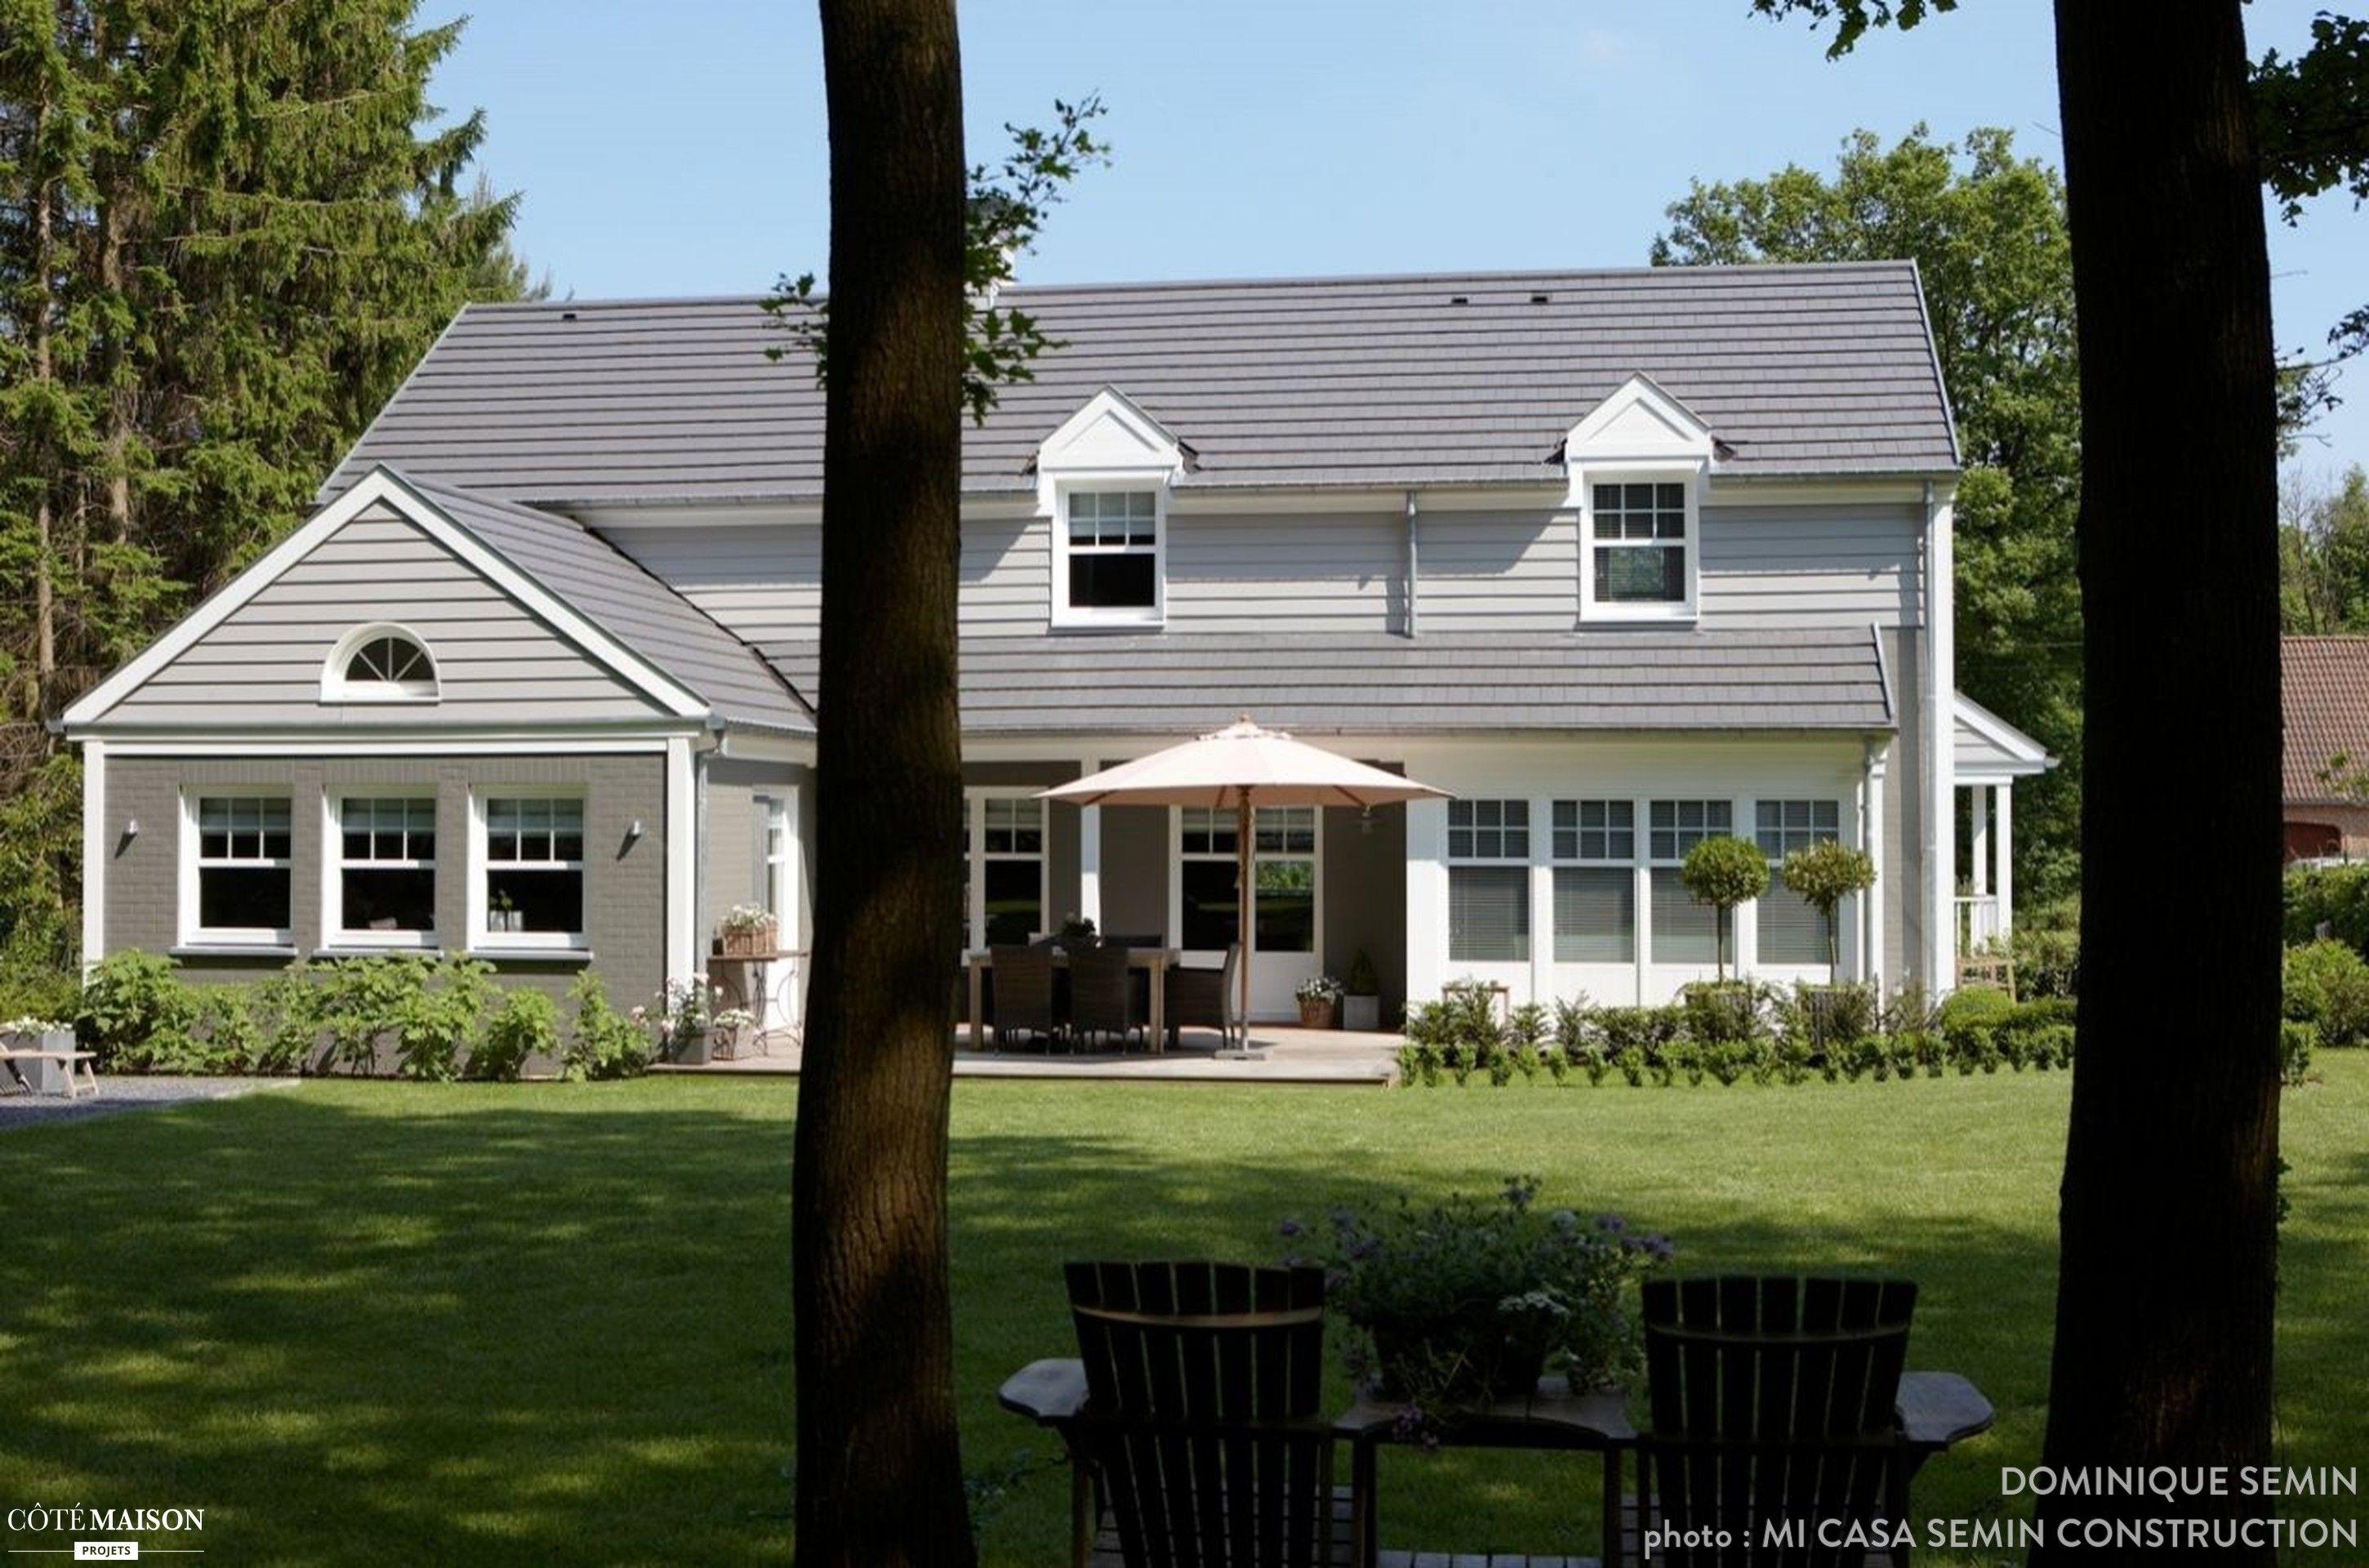 R novation d 39 une maison familiale avec cabinet m dical - Creer style minimaliste maison familiale ...